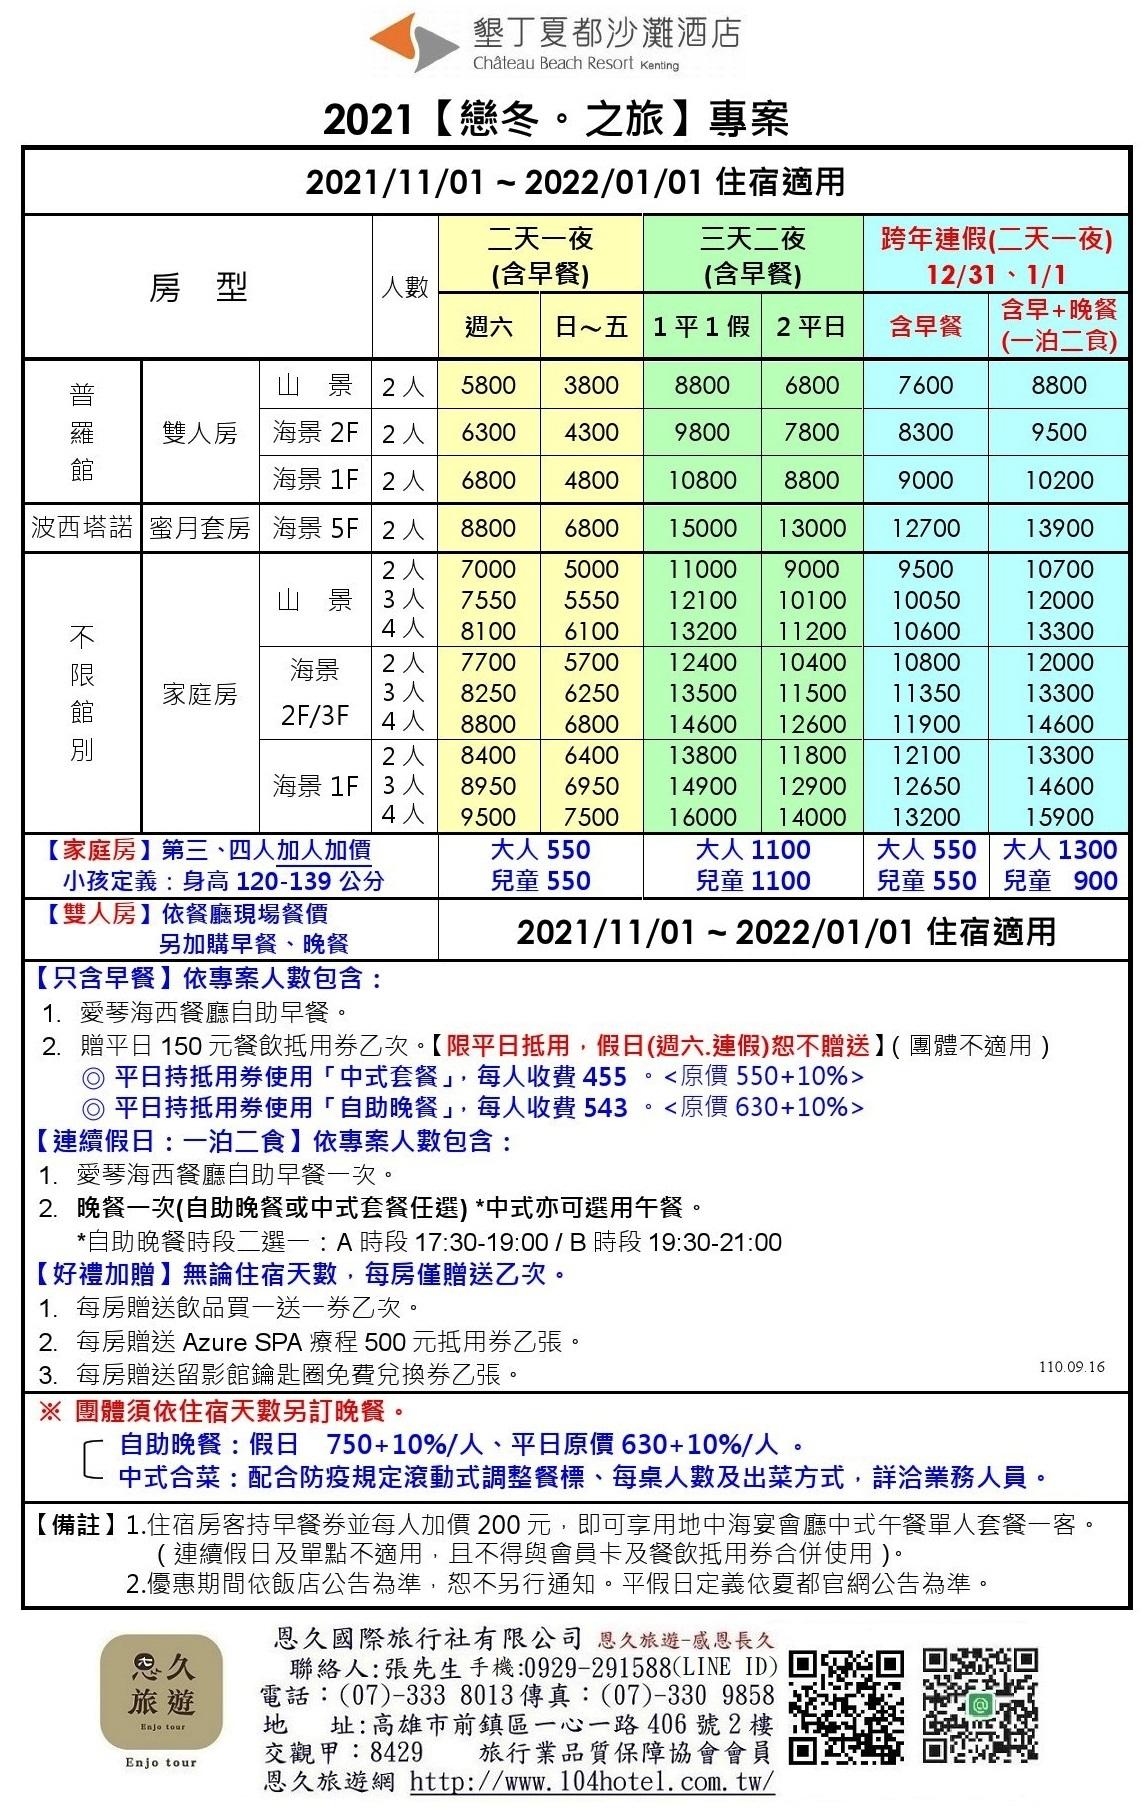 (旅)2021年11-12月戀冬夏都之旅專案-110.09.16 -恩久旅遊-1